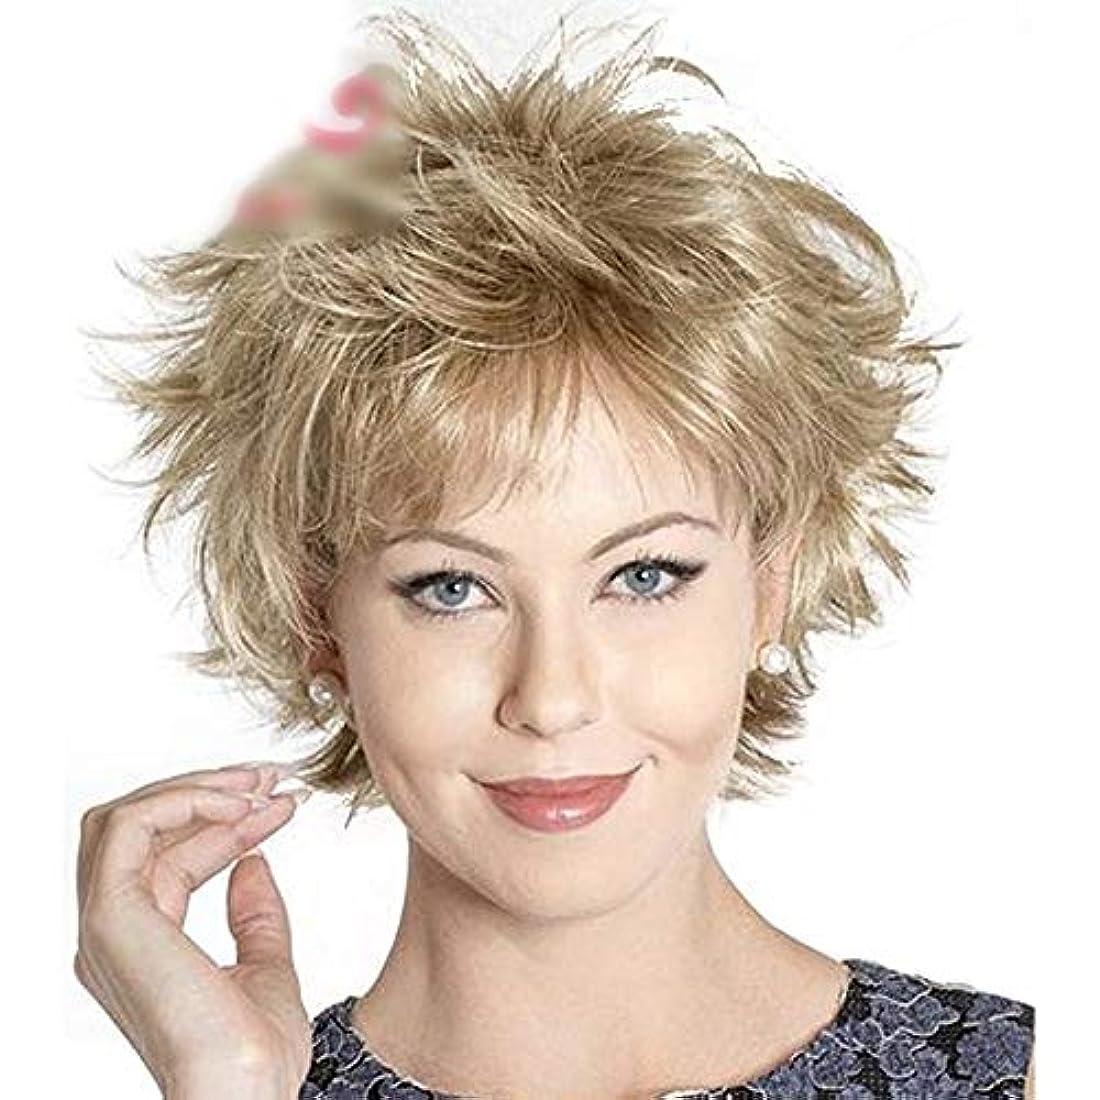 コンバーチブル確かめる余分なWASAIO ブロンドの混色の女性のショートボブウィッグ耐熱28cm (色 : Blonde)